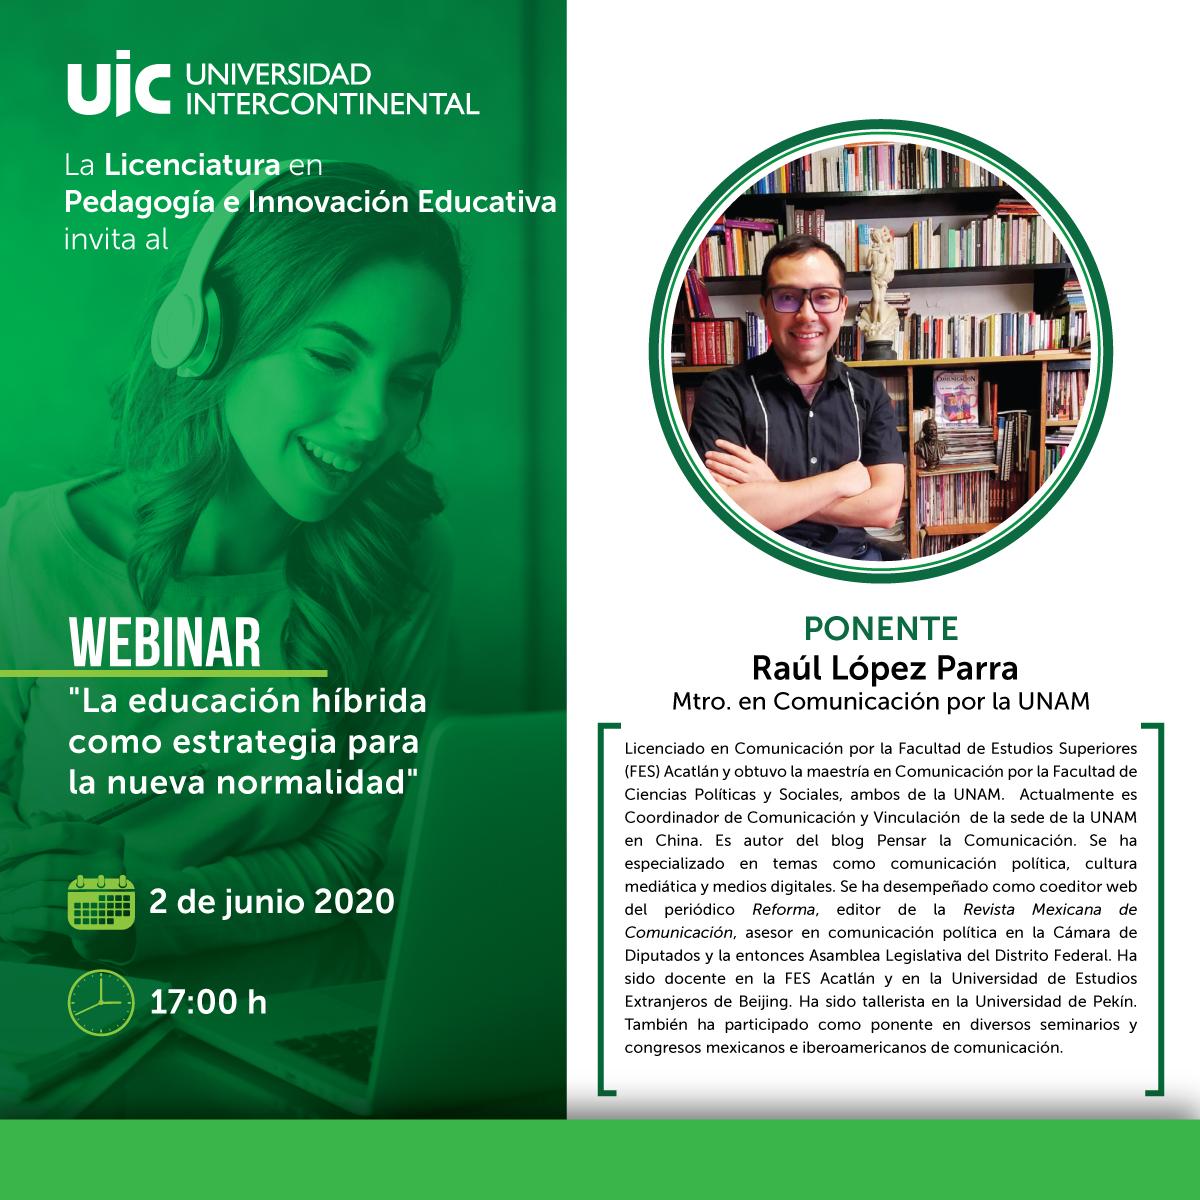 rt @uicmx: #Webinar: La educación híbrida como estrategia para la nueva normalidad 2 de junio – 17:00 h #Pedagogía Regístrate sin costo: